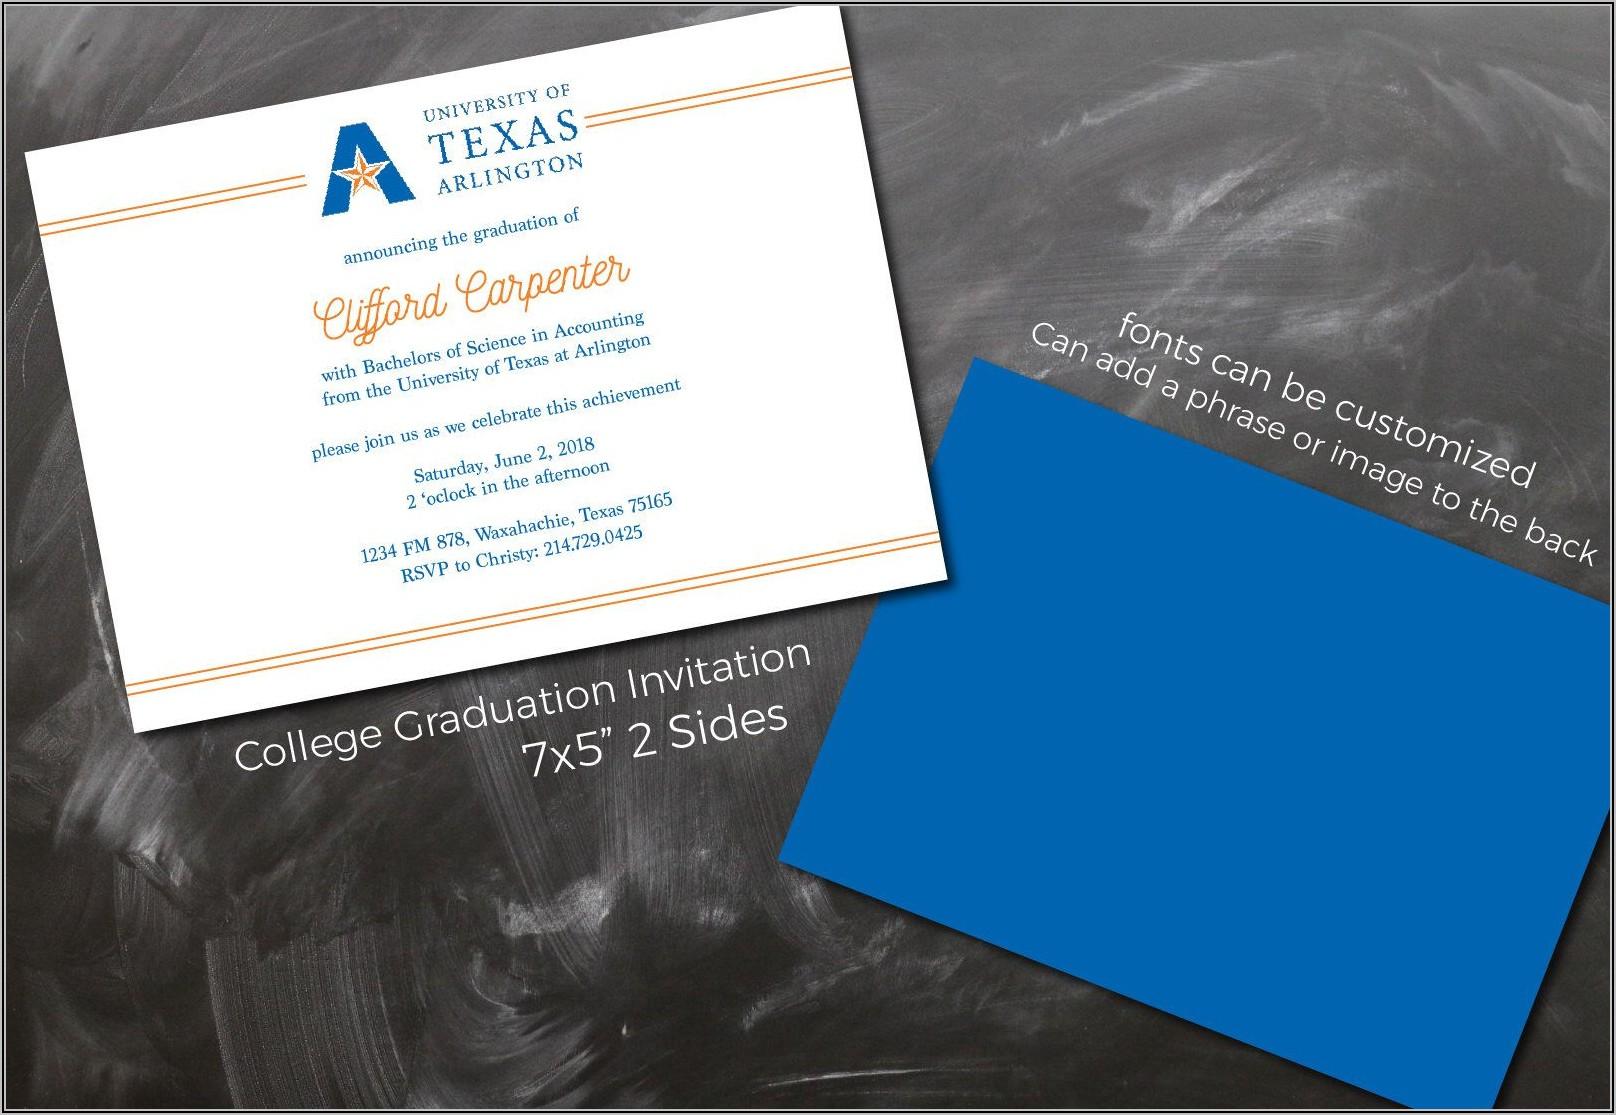 University Graduation Announcement Wording